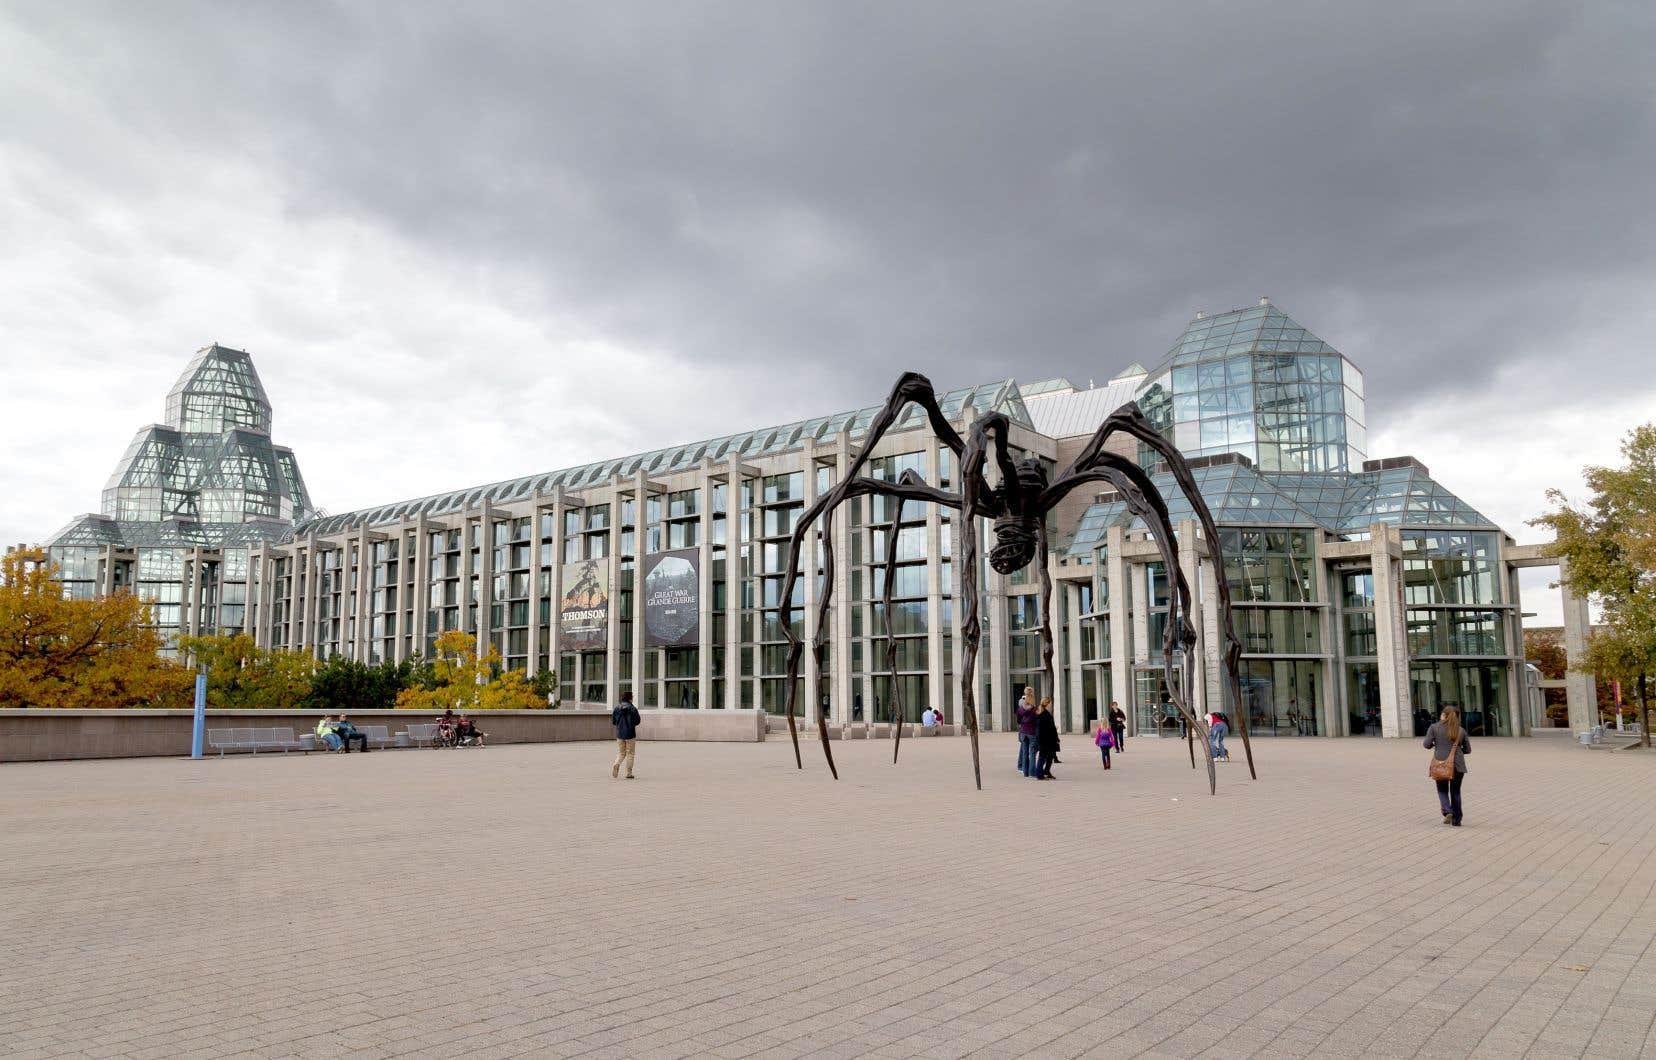 Selon l'auteur, la direction du Musée des beaux-arts du Canada se comporte comme les pires gestionnaires de l'entreprise privée en décidant de mettre en vente un chef-d'œuvre de notre collection nationale.